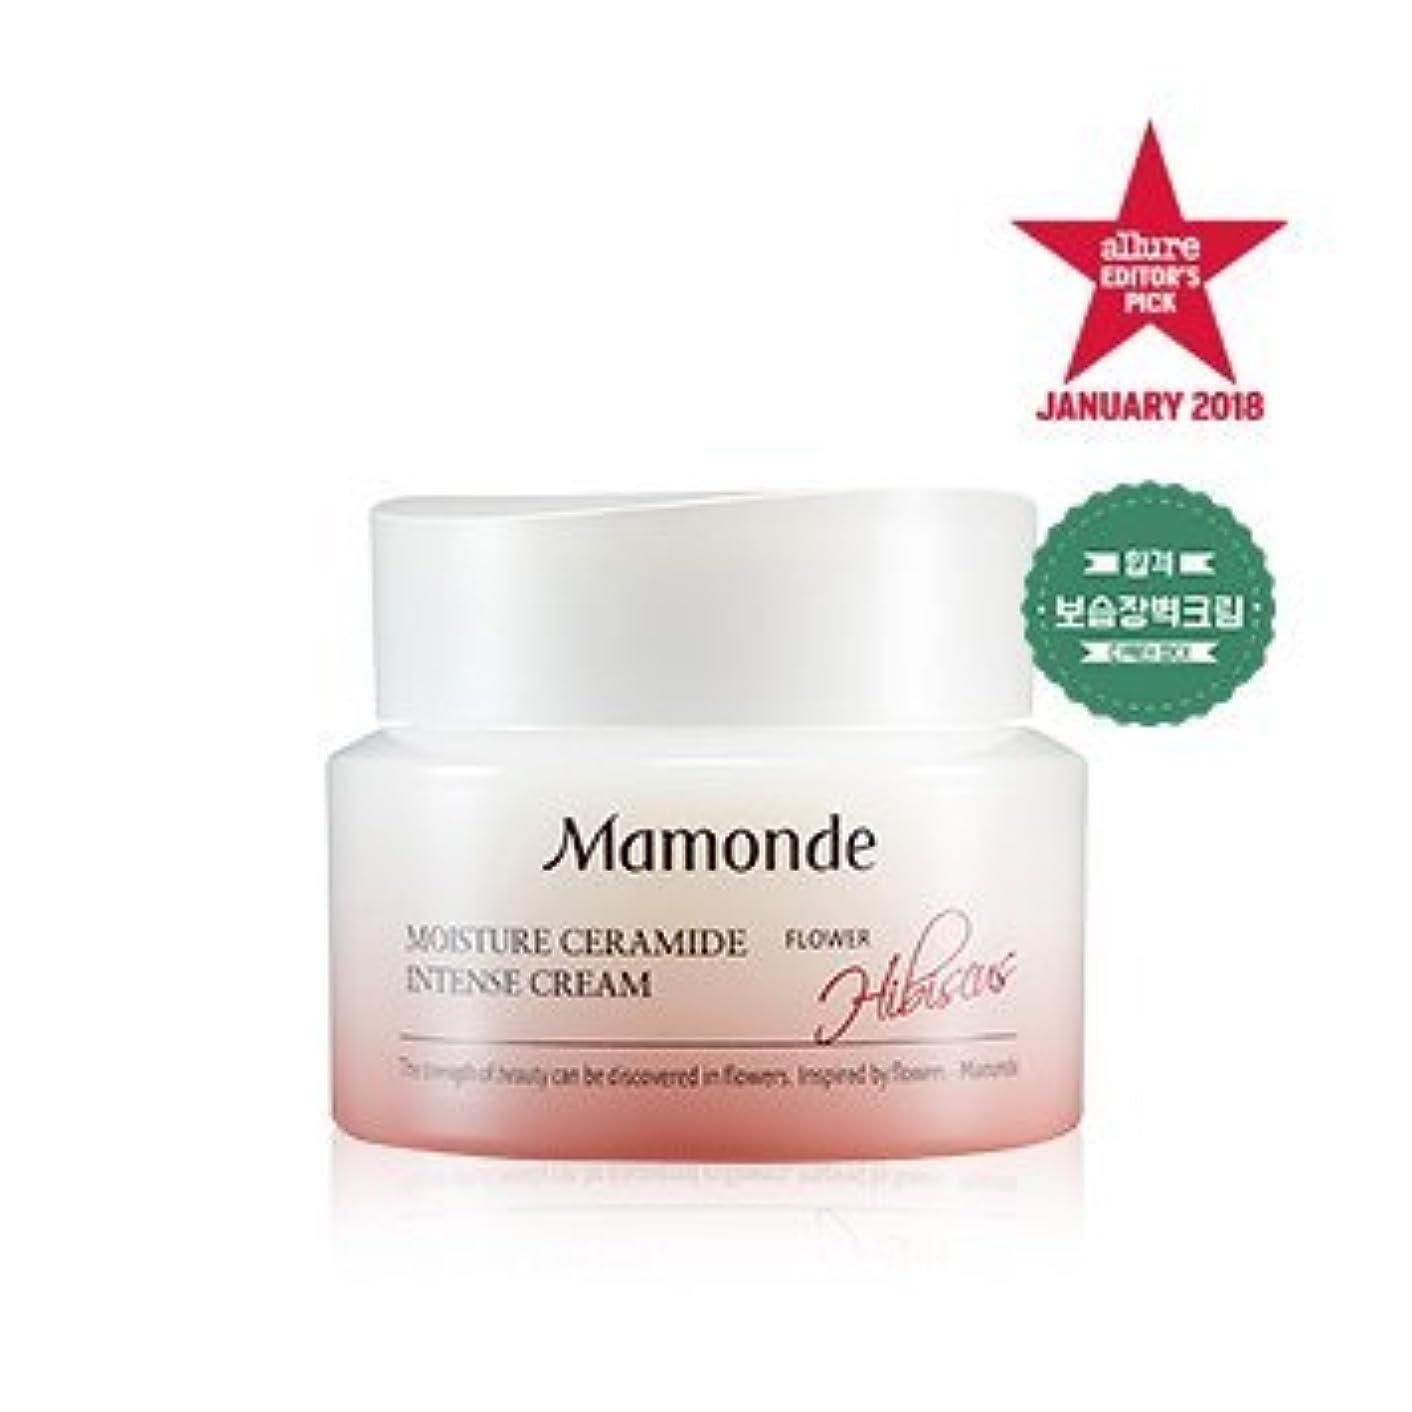 慣性クリーク参加する[MAMONDE] モイスチャーセラミドインテンシブクリーム / Moisture Ceramide Intense cream 50ml [並行輸入品]